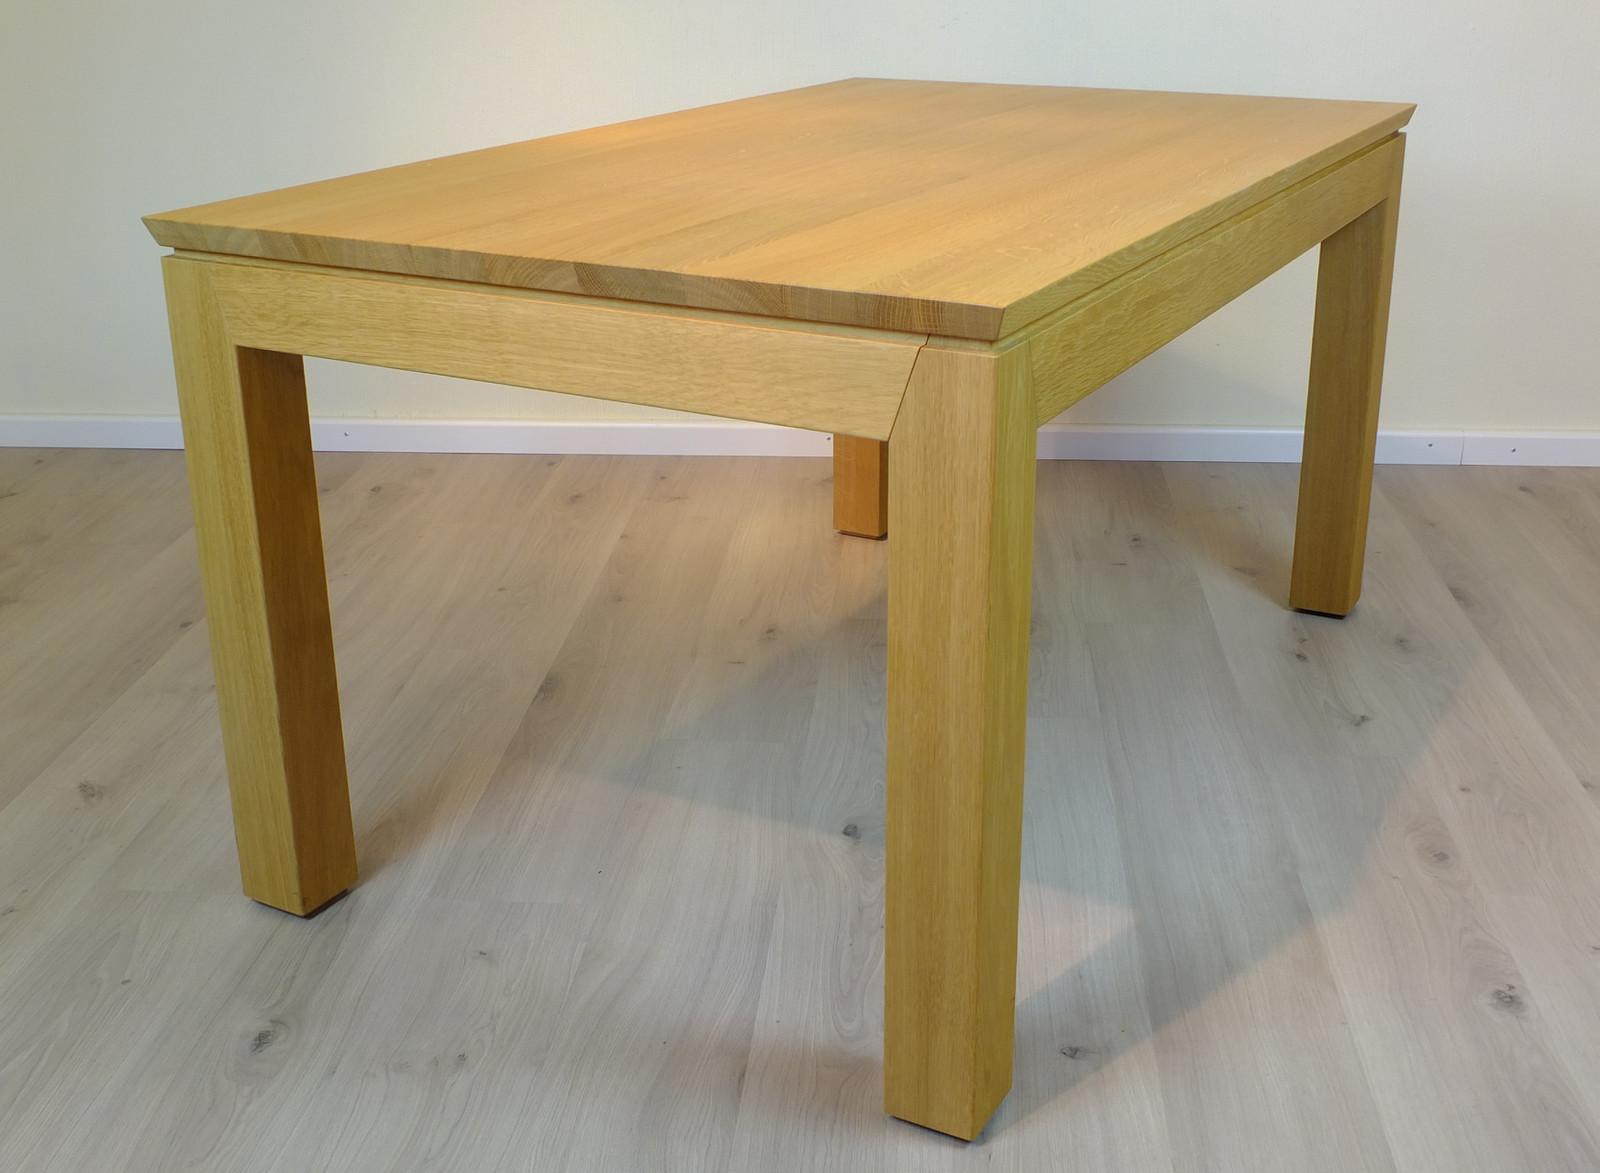 Esstisch / Tisch Adraton mit Querauszug (seitlichem Auszug), in Eiche, Asteiche, Buche, Kirschbaum, Kernbuche oder Nußbaum